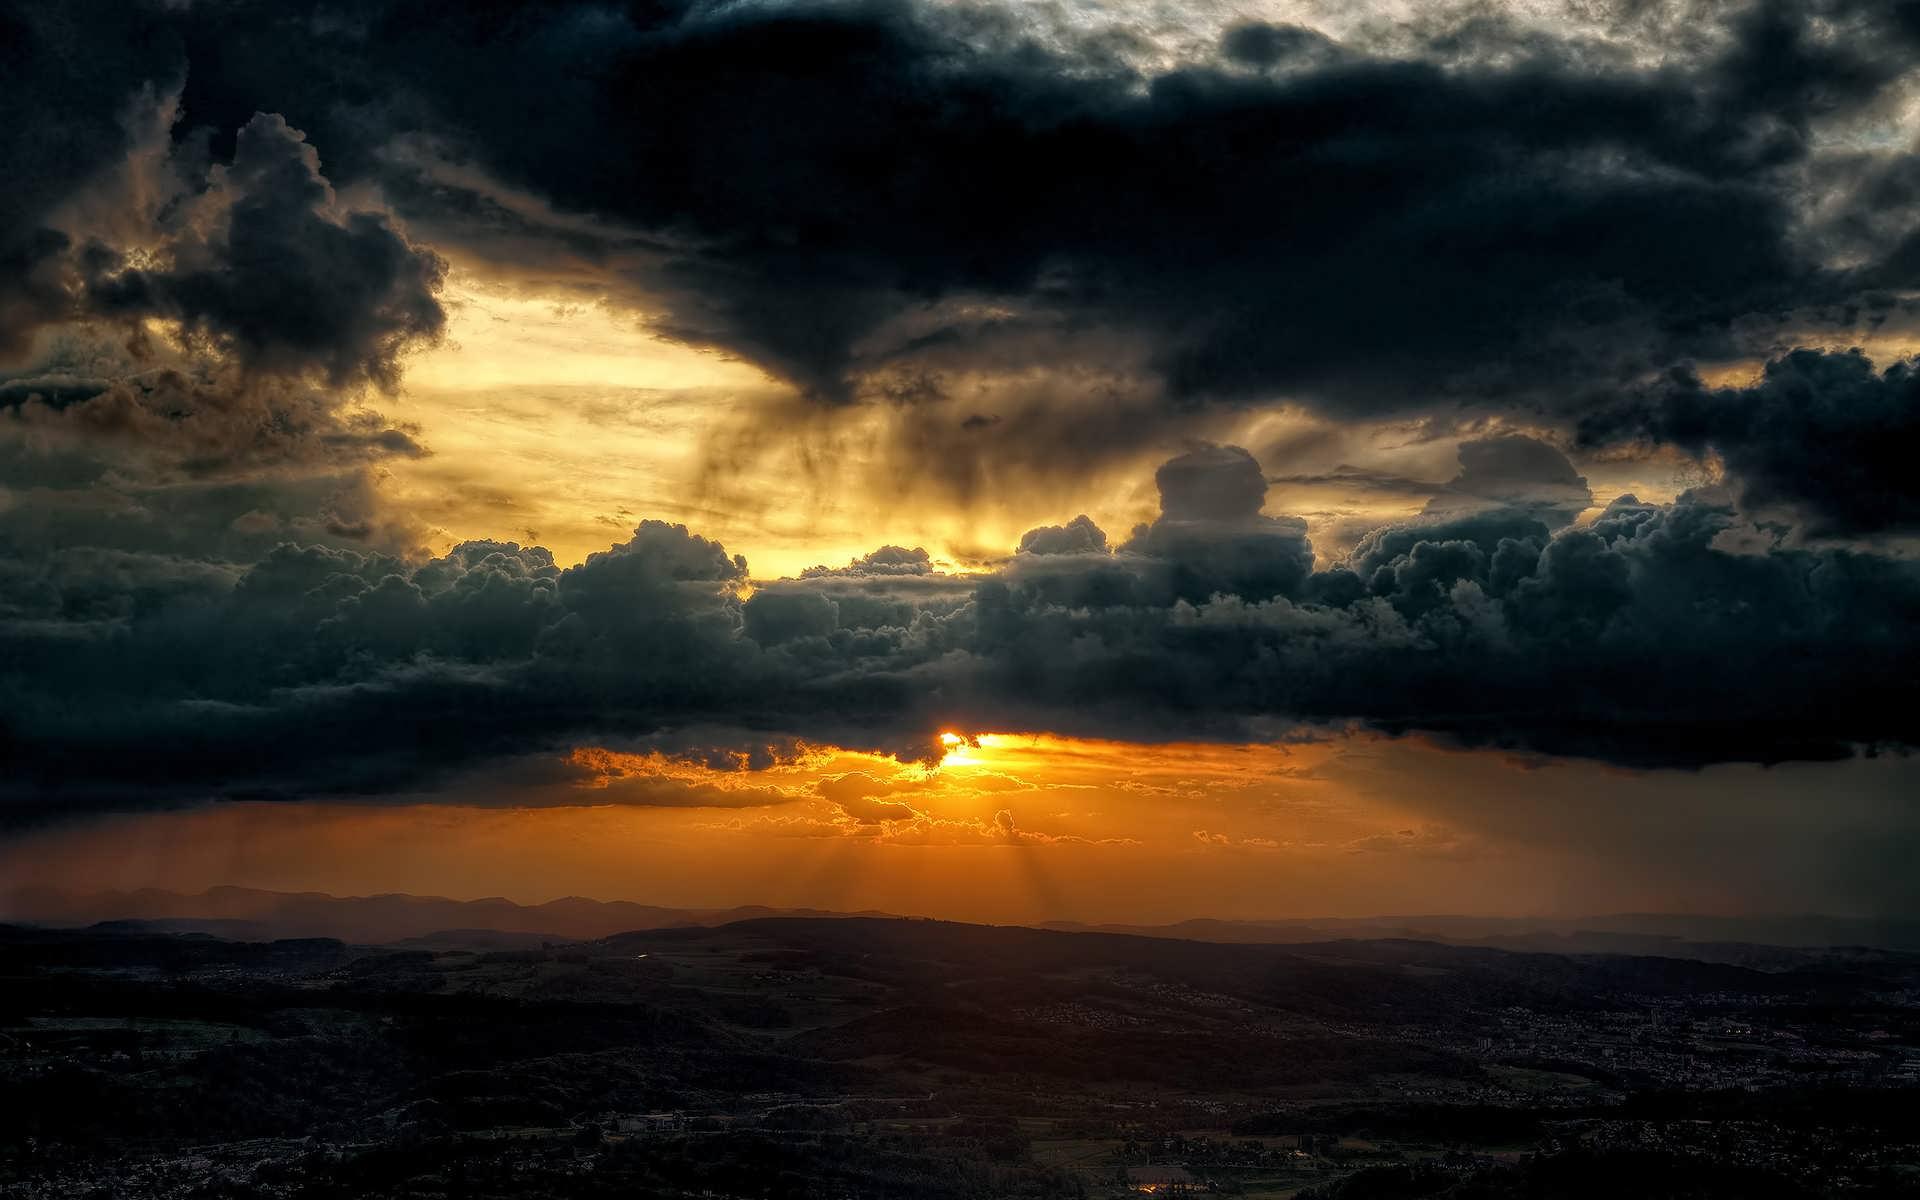 Tájkép A Naplementében Háttérkép 66